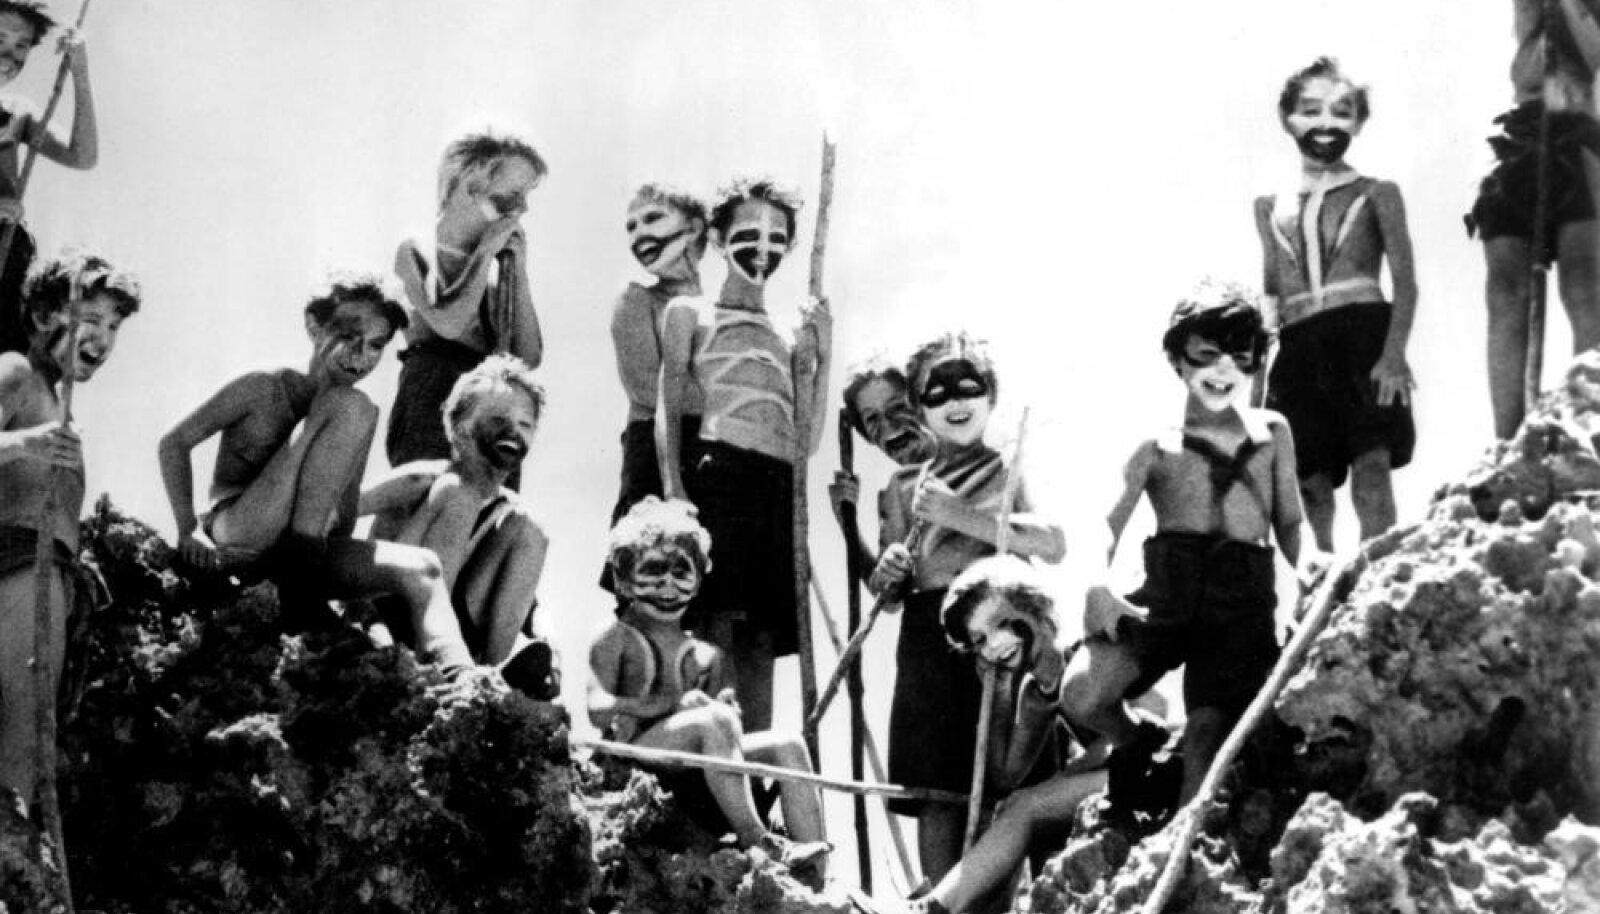 """Raamatus ja filmis """"Kärbeste jumal"""" langeb poisterühm peagi barbaarsusse. Päriselus rajasid nad aia, kogusid vihmavett ja ootasid ära juhusliku pääsemise."""